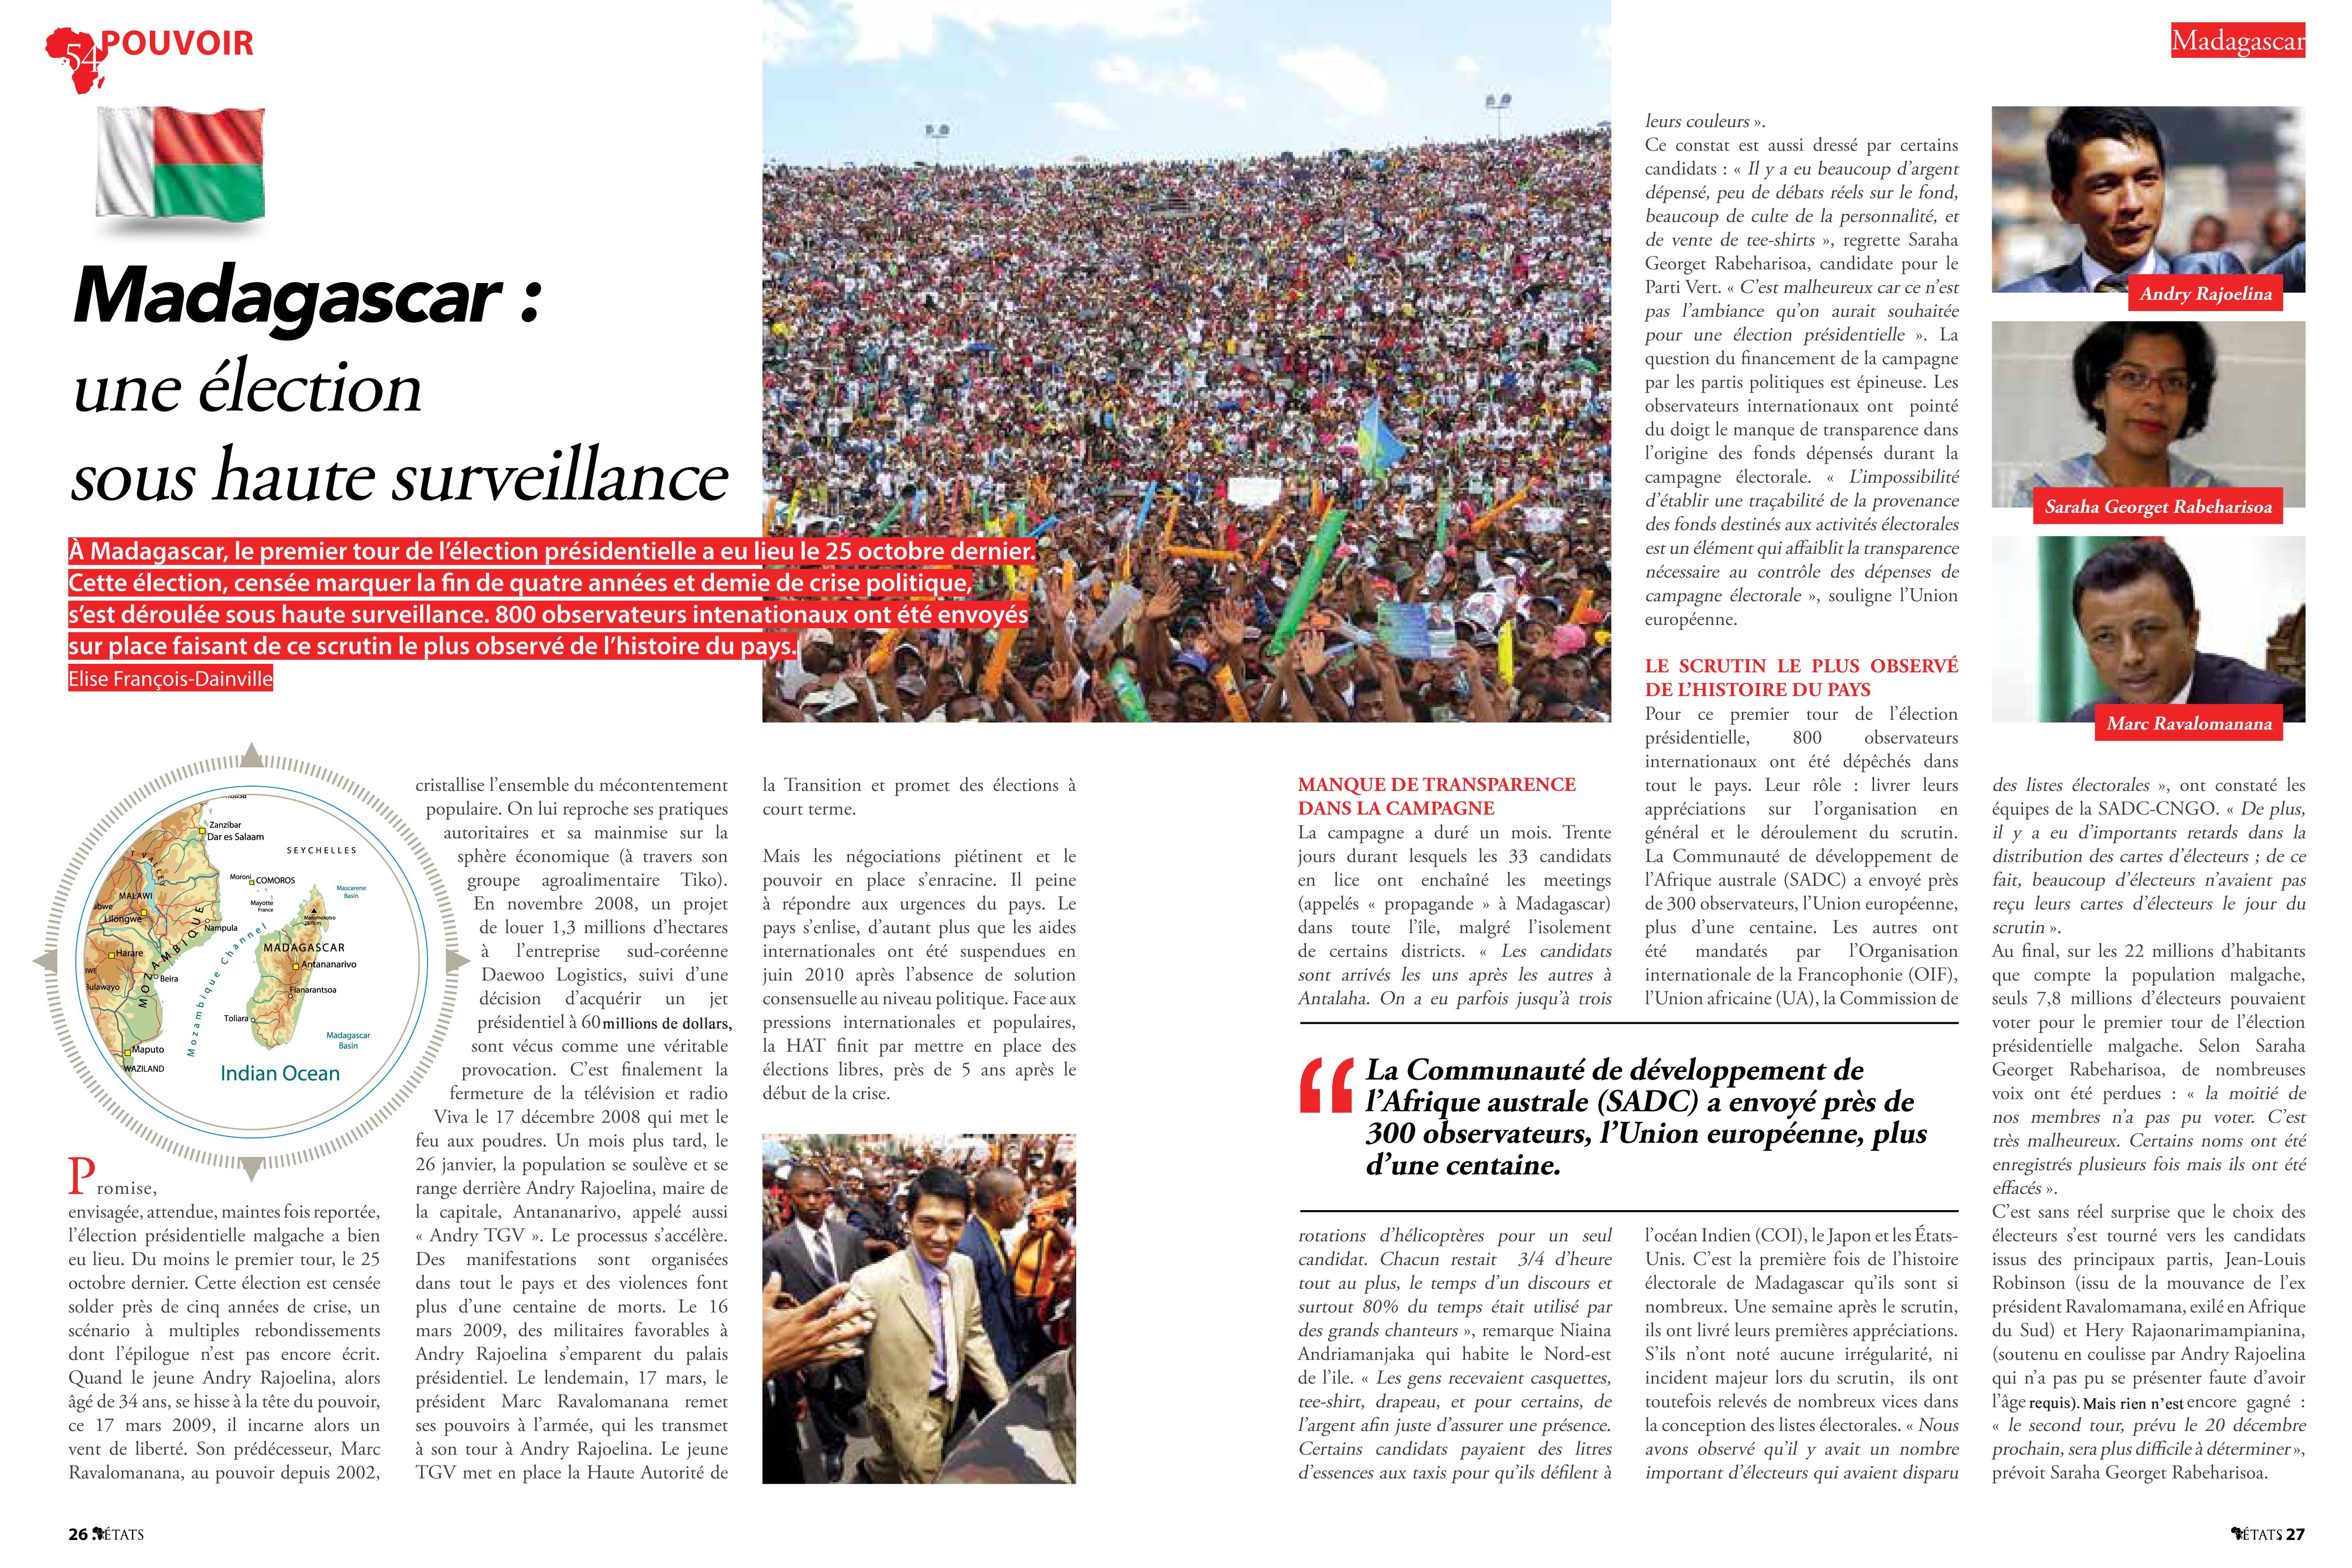 Madagascar, une élection sous haute surveillance